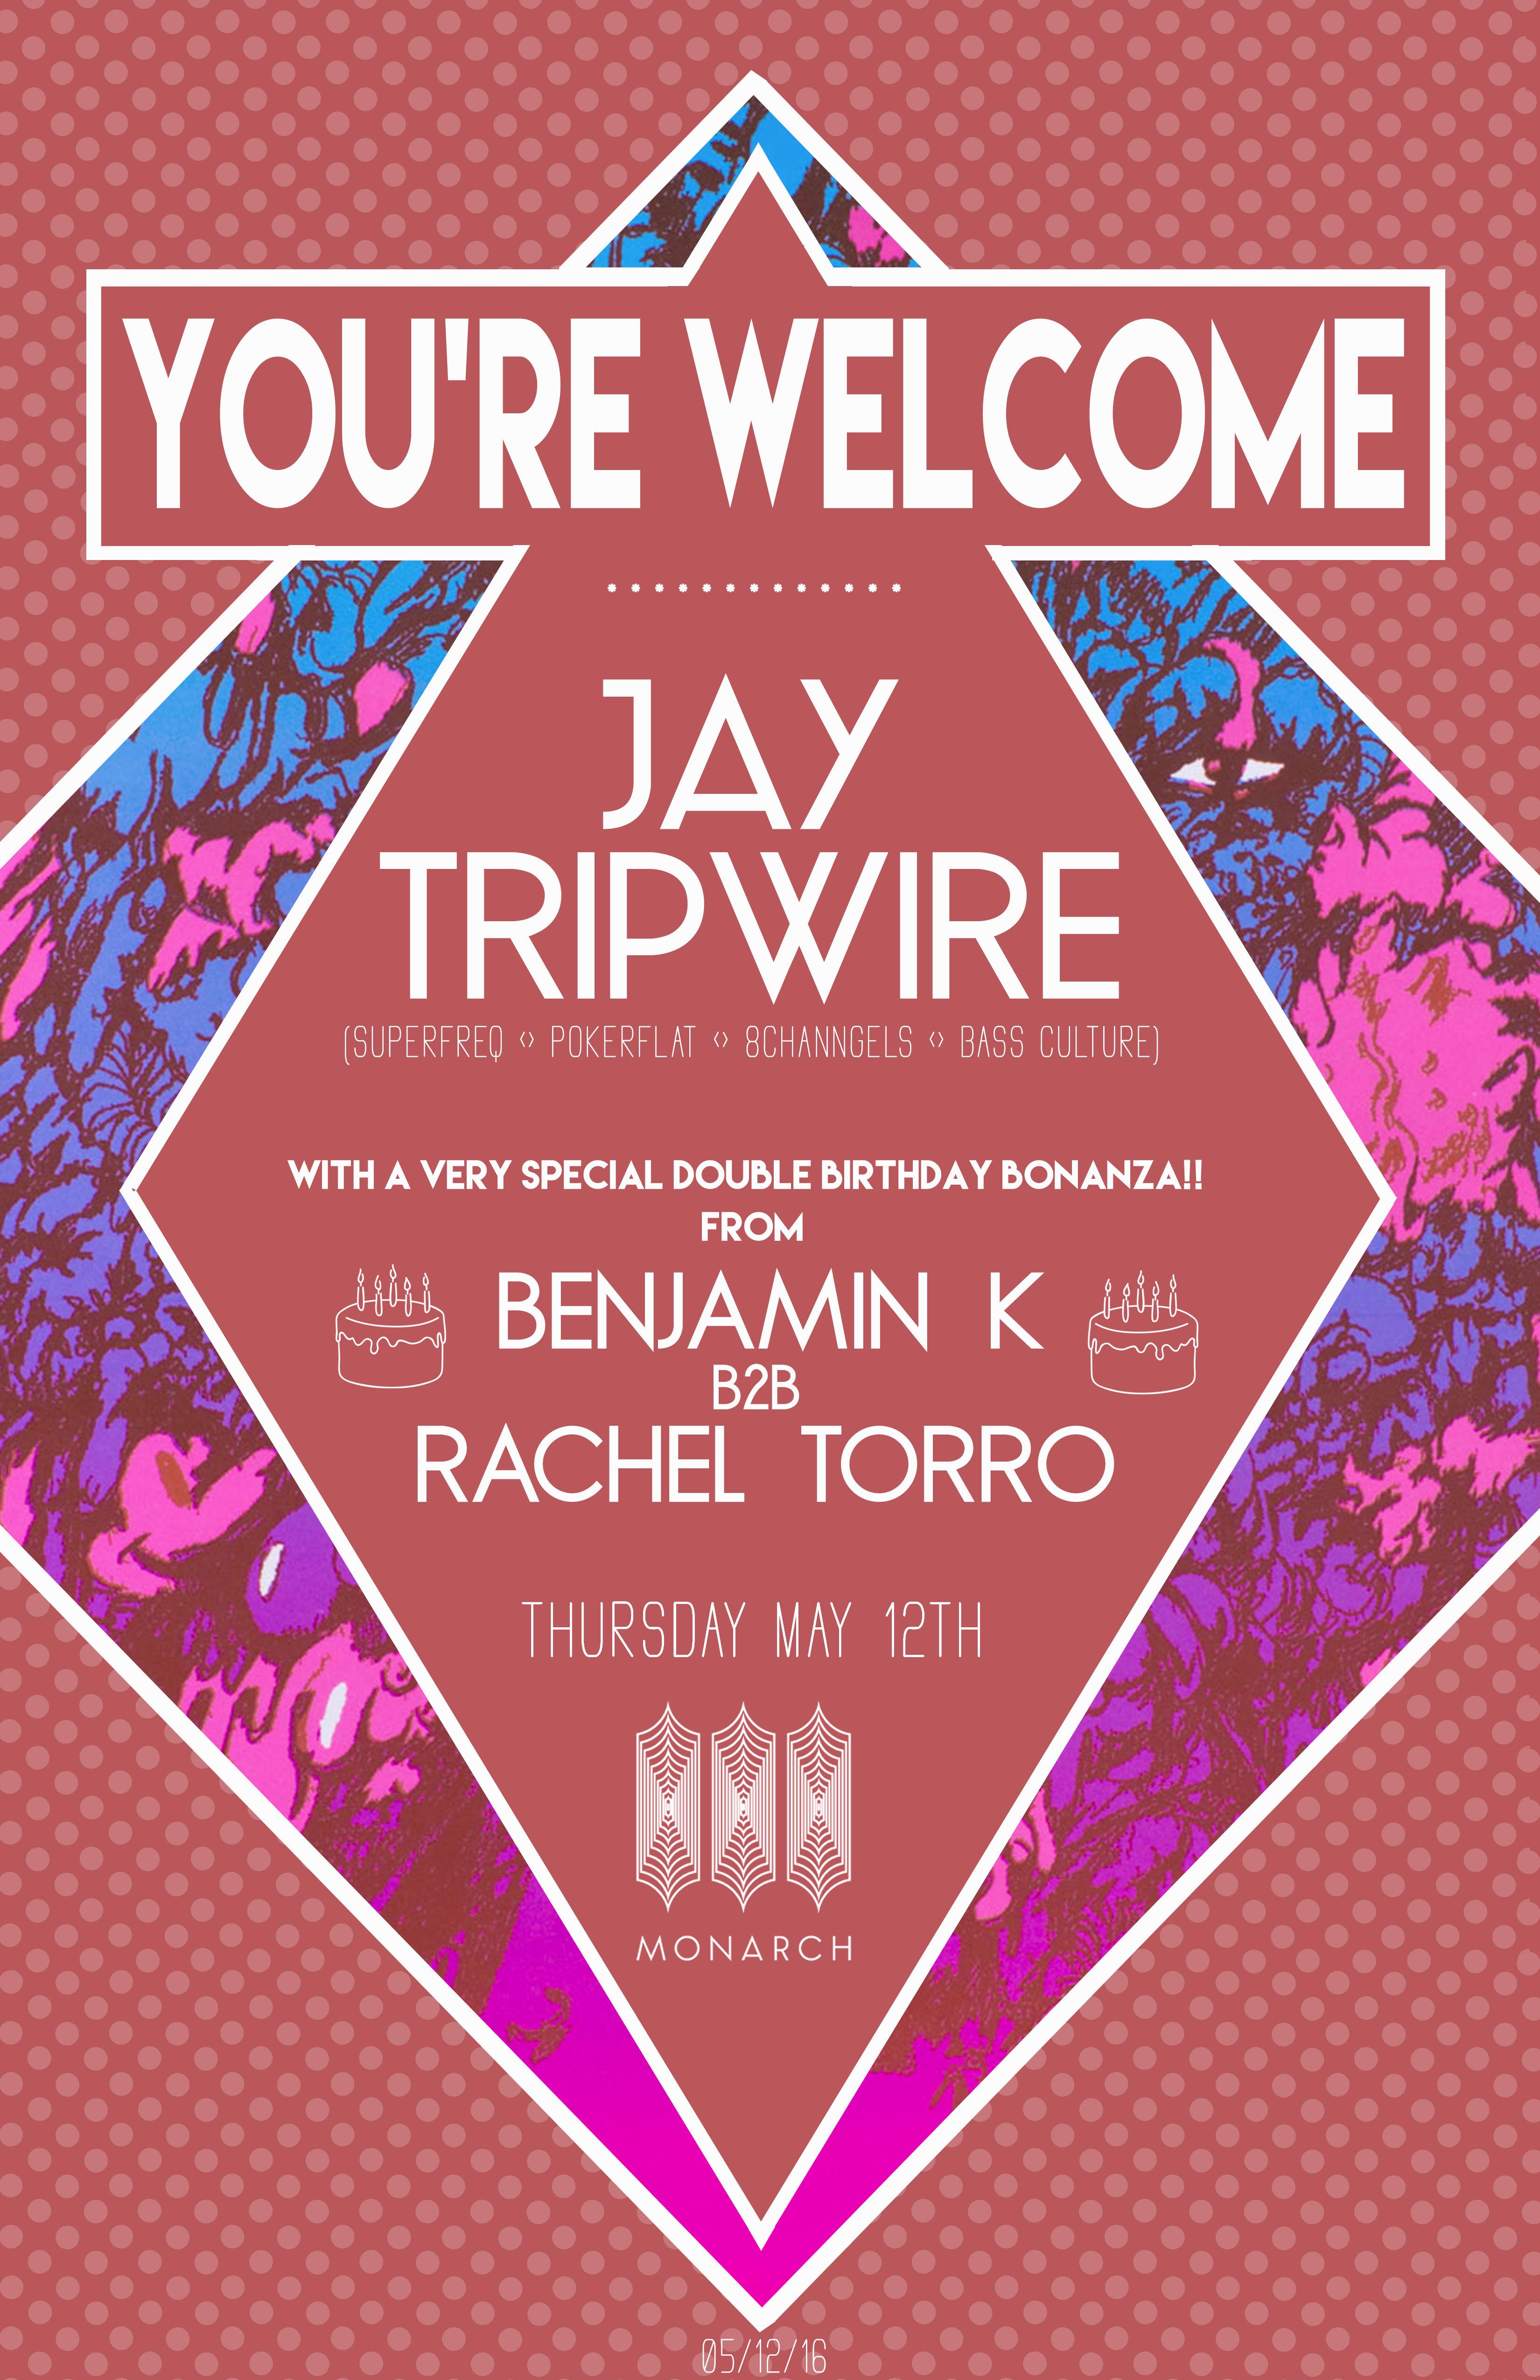 YW-Jay Tripwire-5-12-16